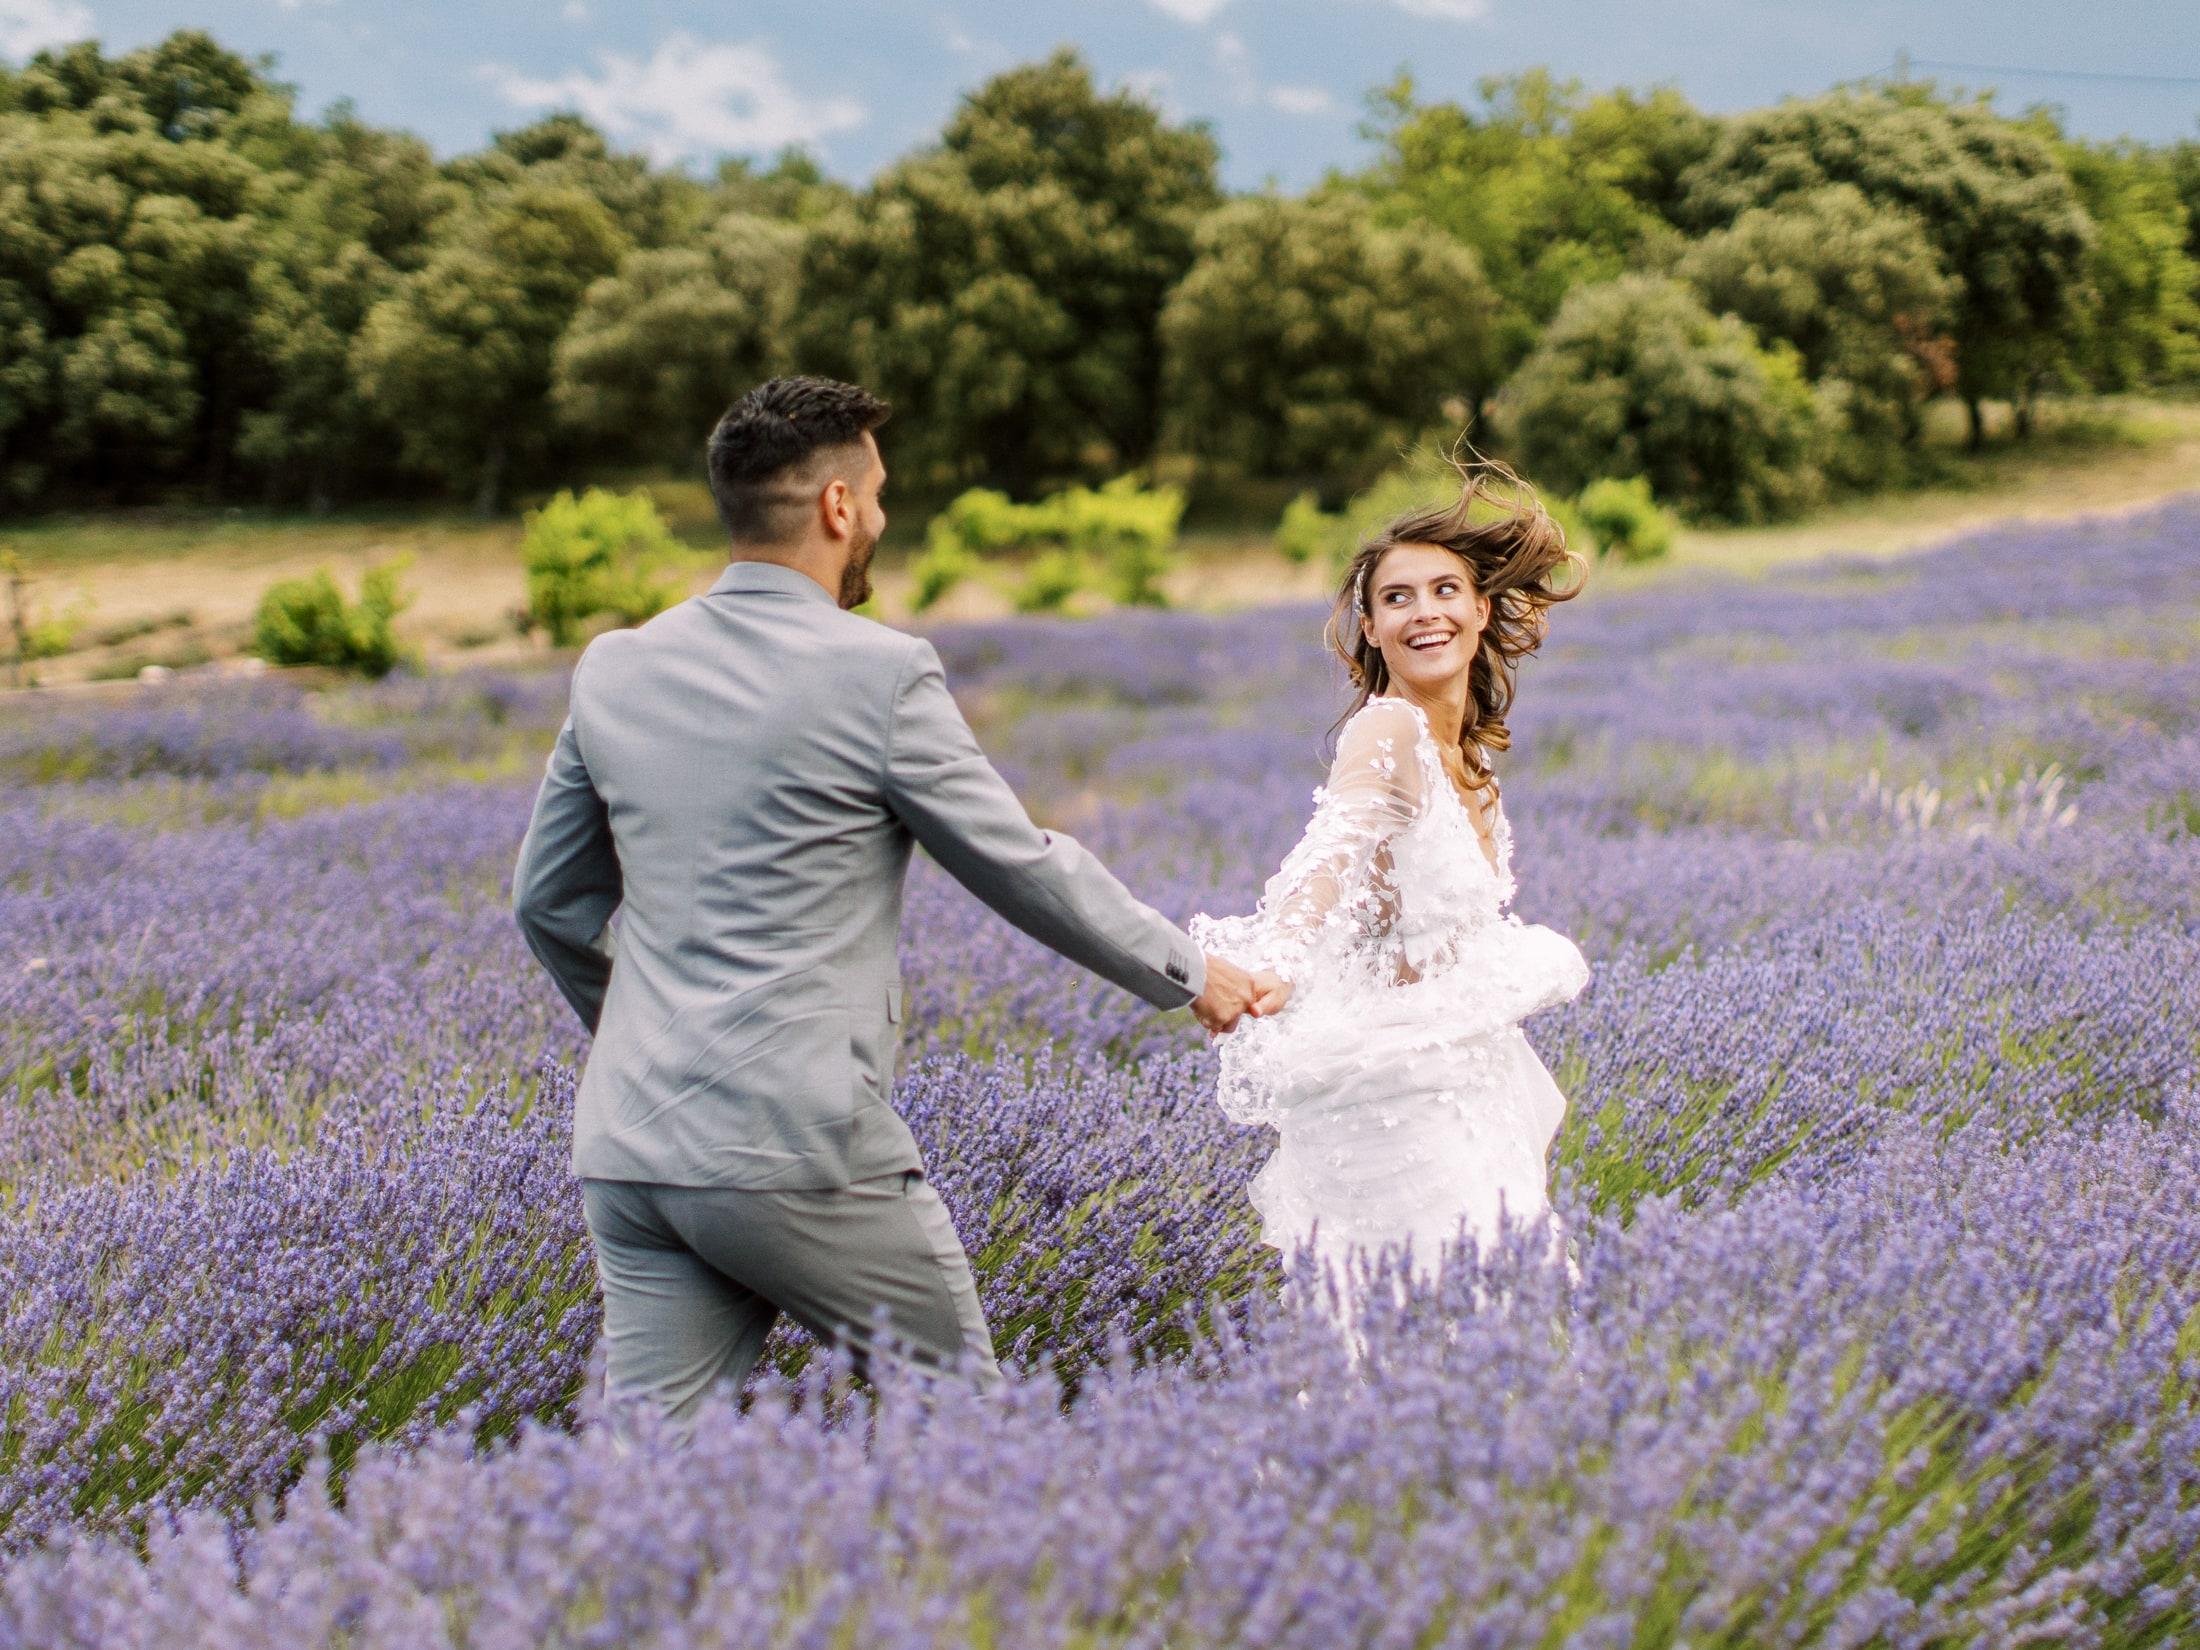 Photographe mariage Provence wedding photographer Sylvain Bouzat